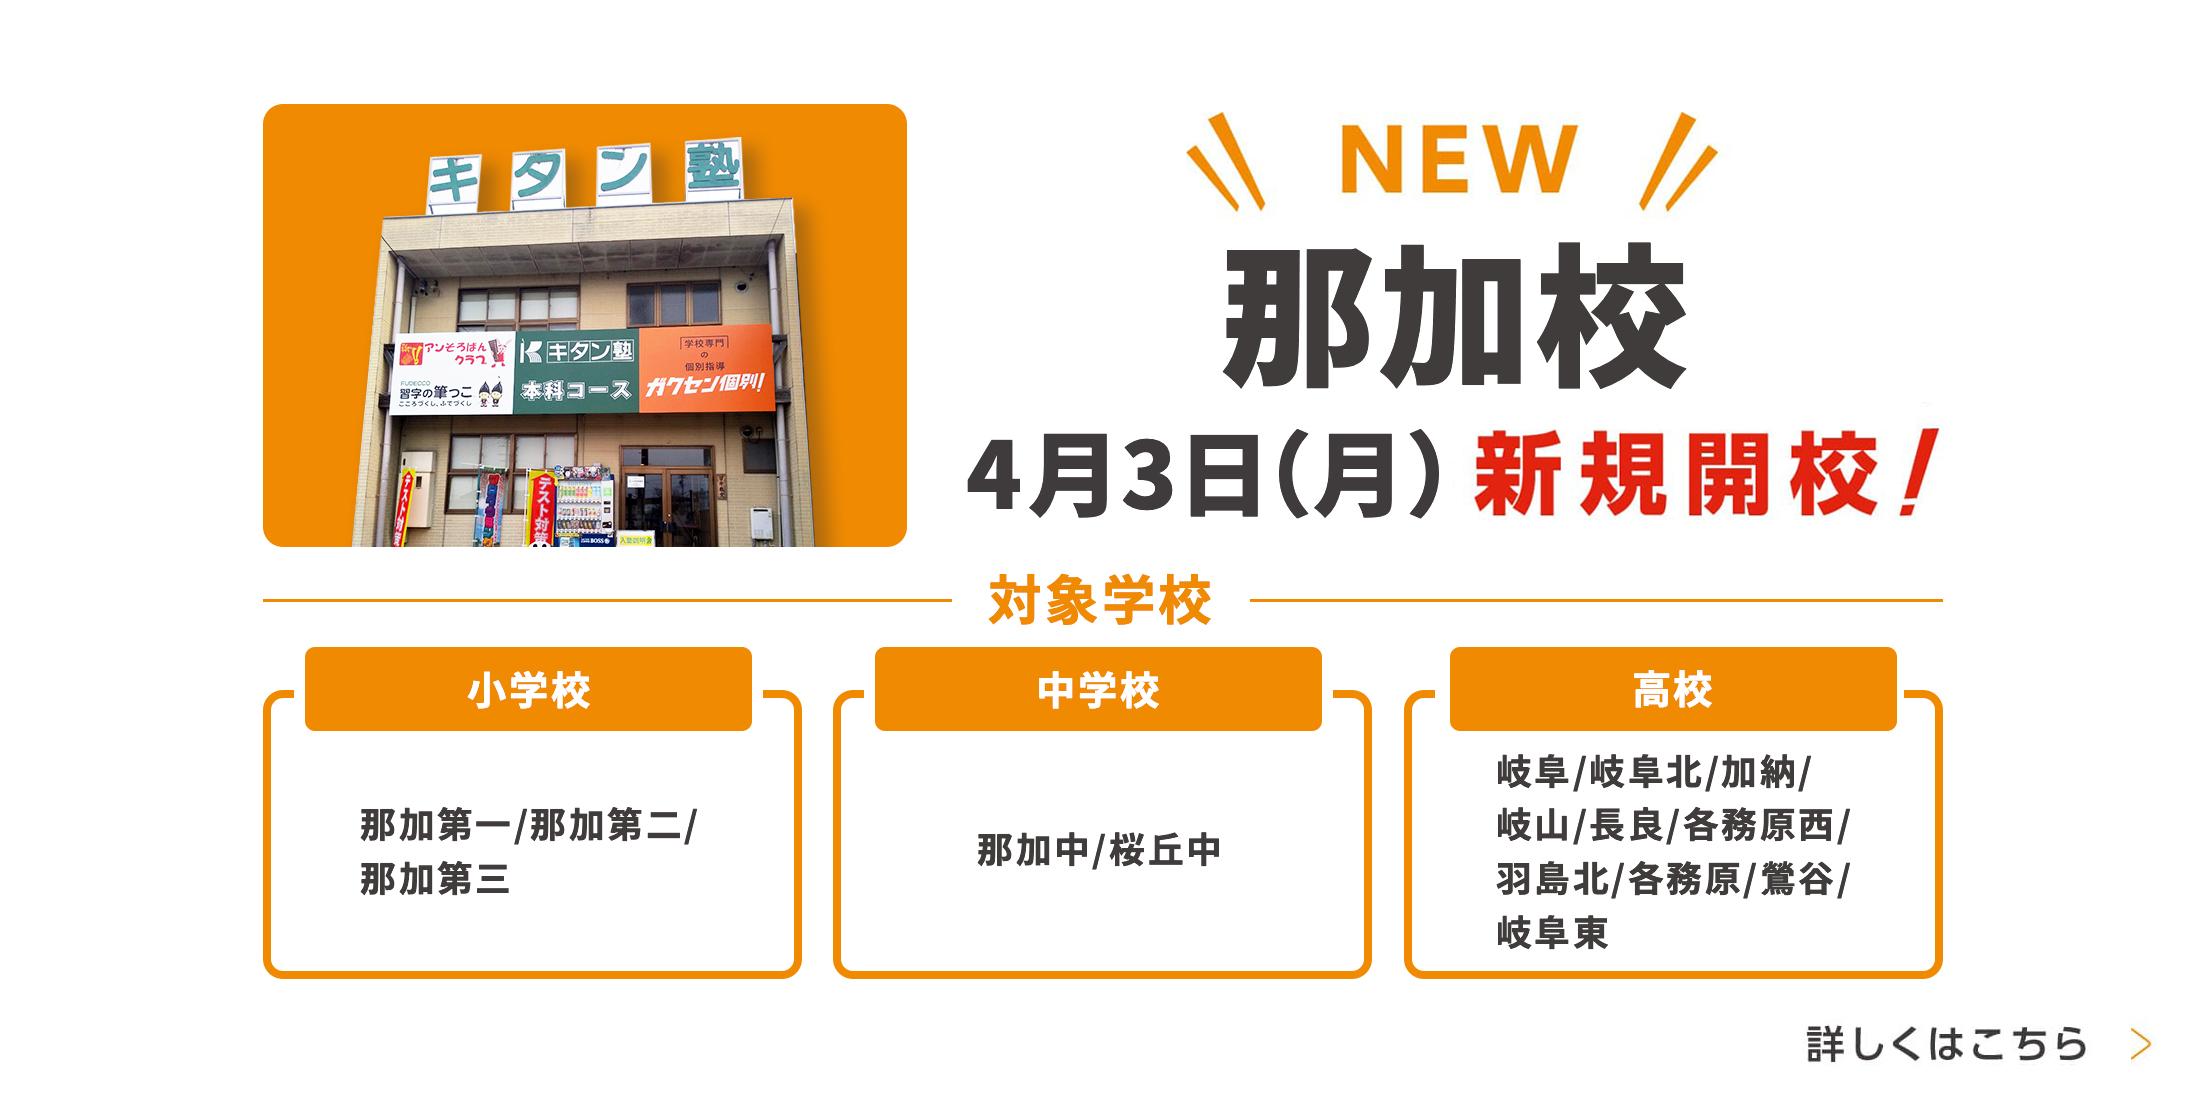 岐阜大学前校10月1日(金)新規開設!